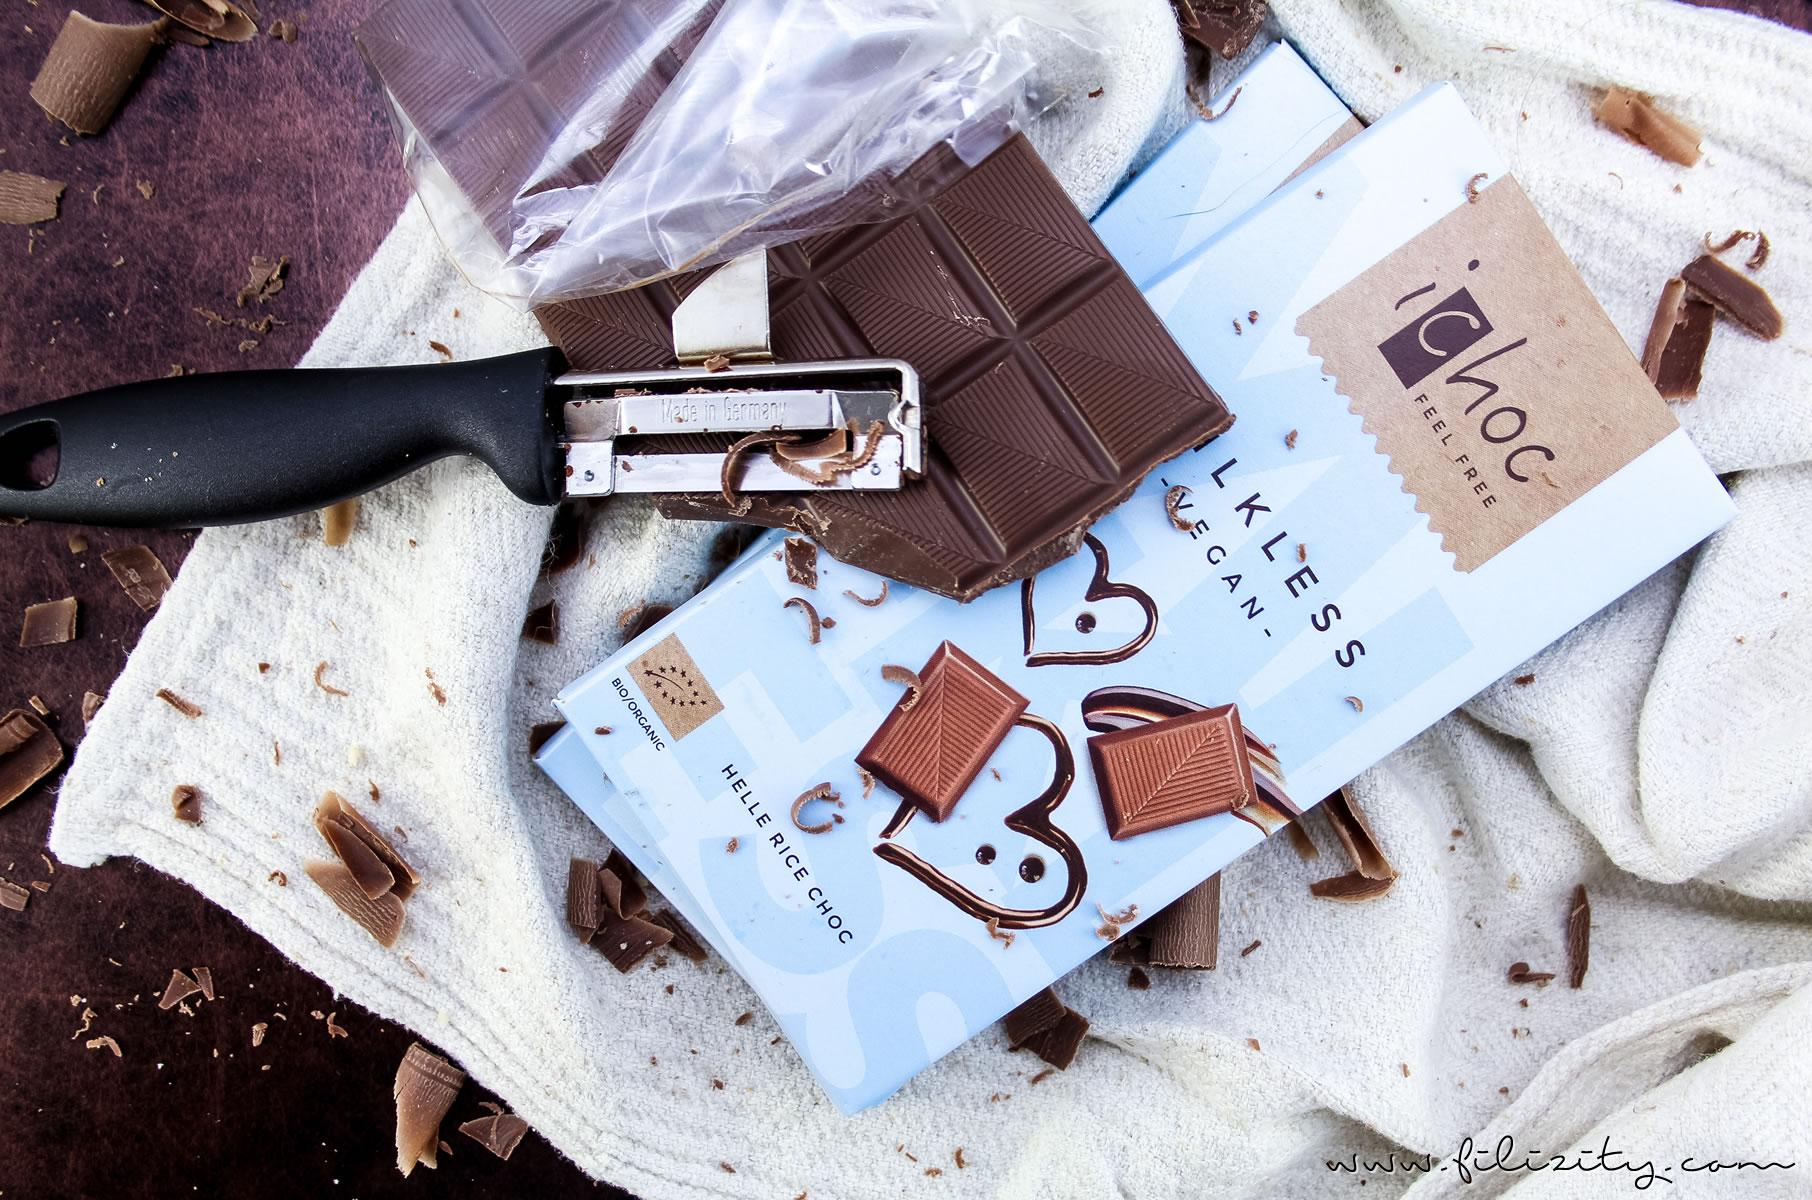 Vegane Schoko-Törtchen mit Brombeer-Fruchtspiegel | Filizity.com | Food-Blog aus dem Rheinland #vegan #dessert #schokolade #torte